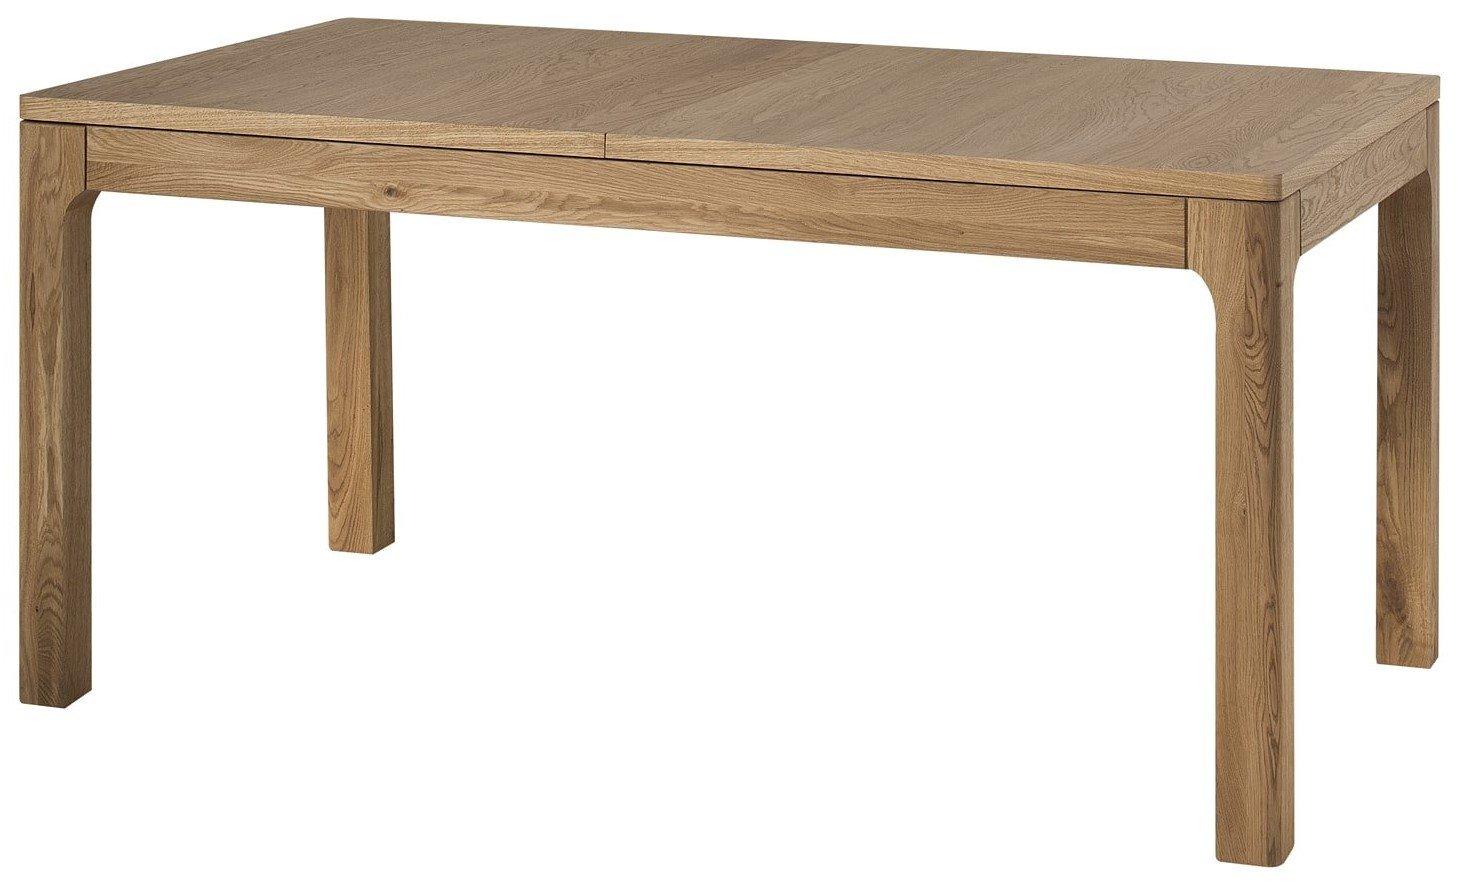 Τραπέζι Medona επεκτεινόμενο